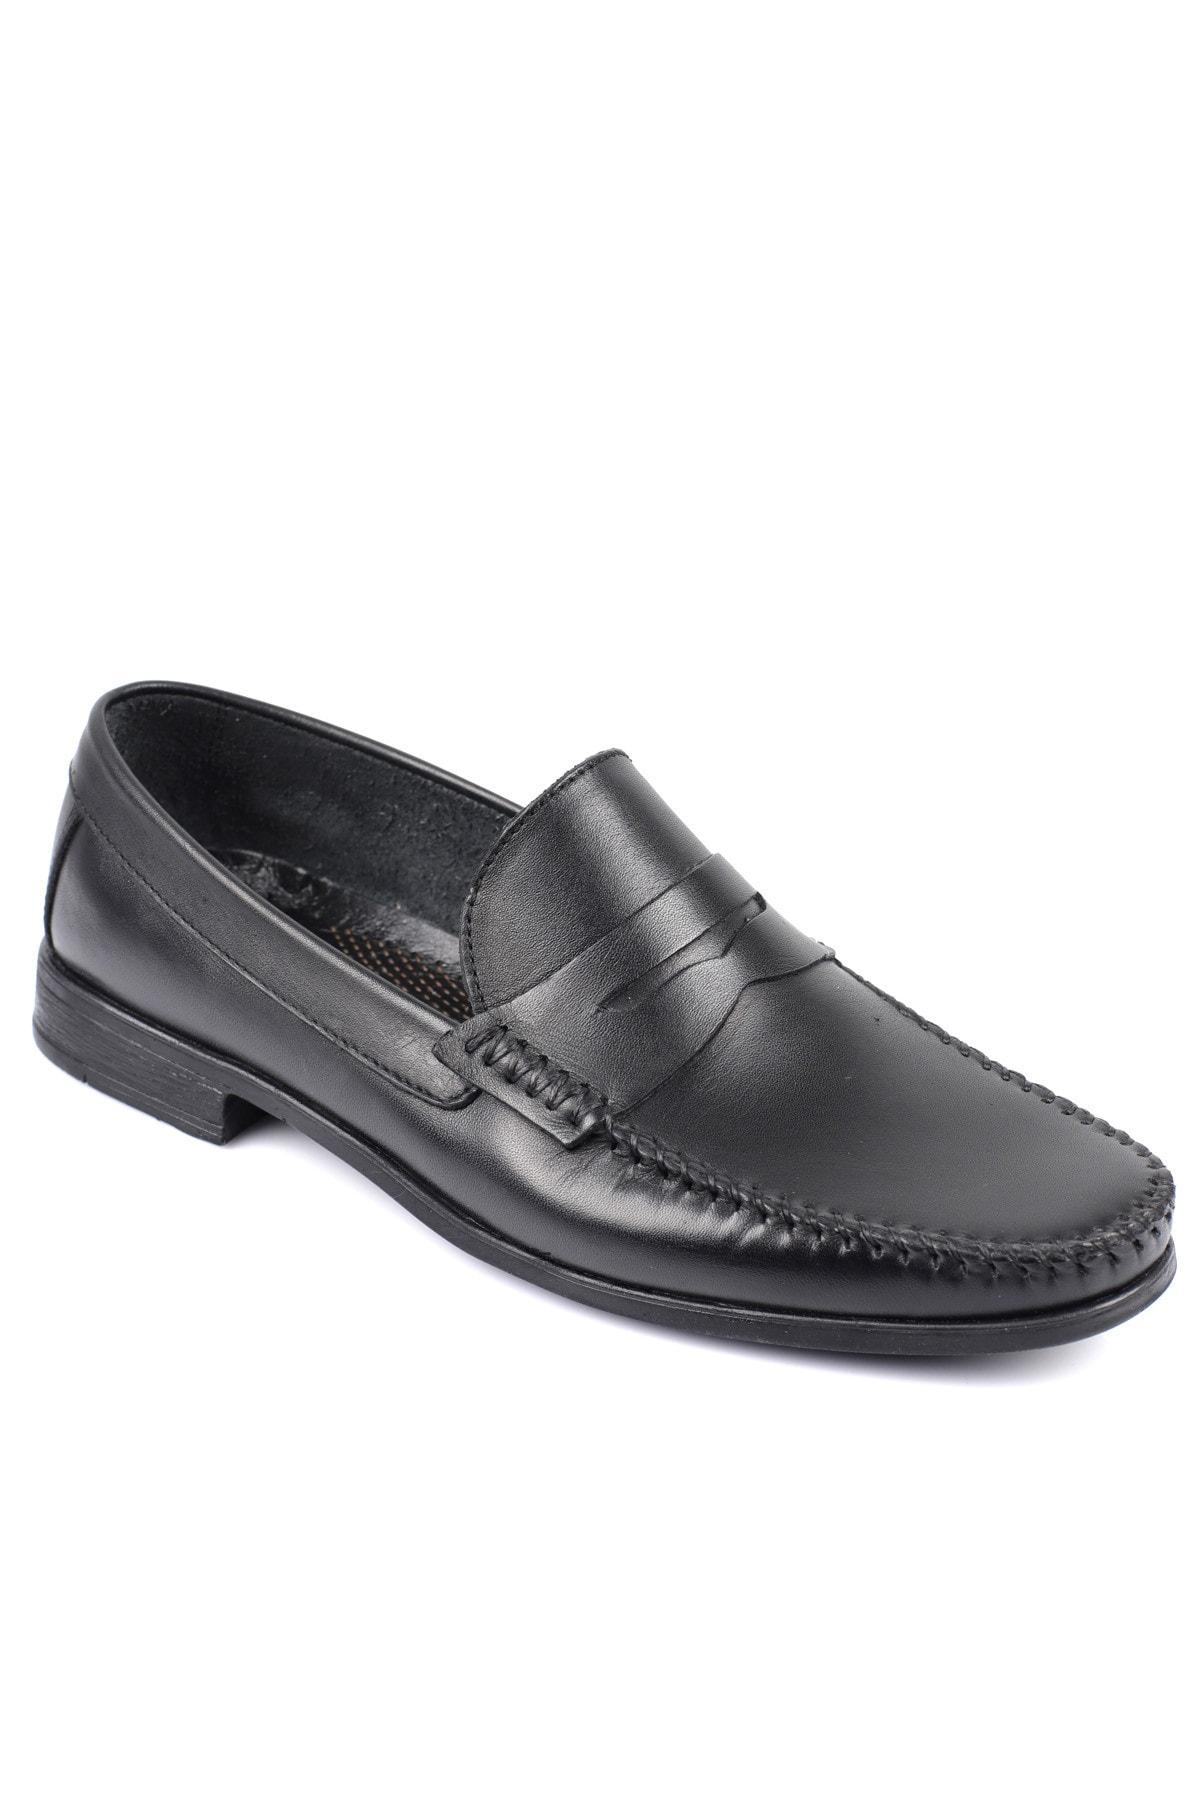 Daxtors D10180 Günlük Klasik Hakiki Deri Baba Ayakkabısı 1